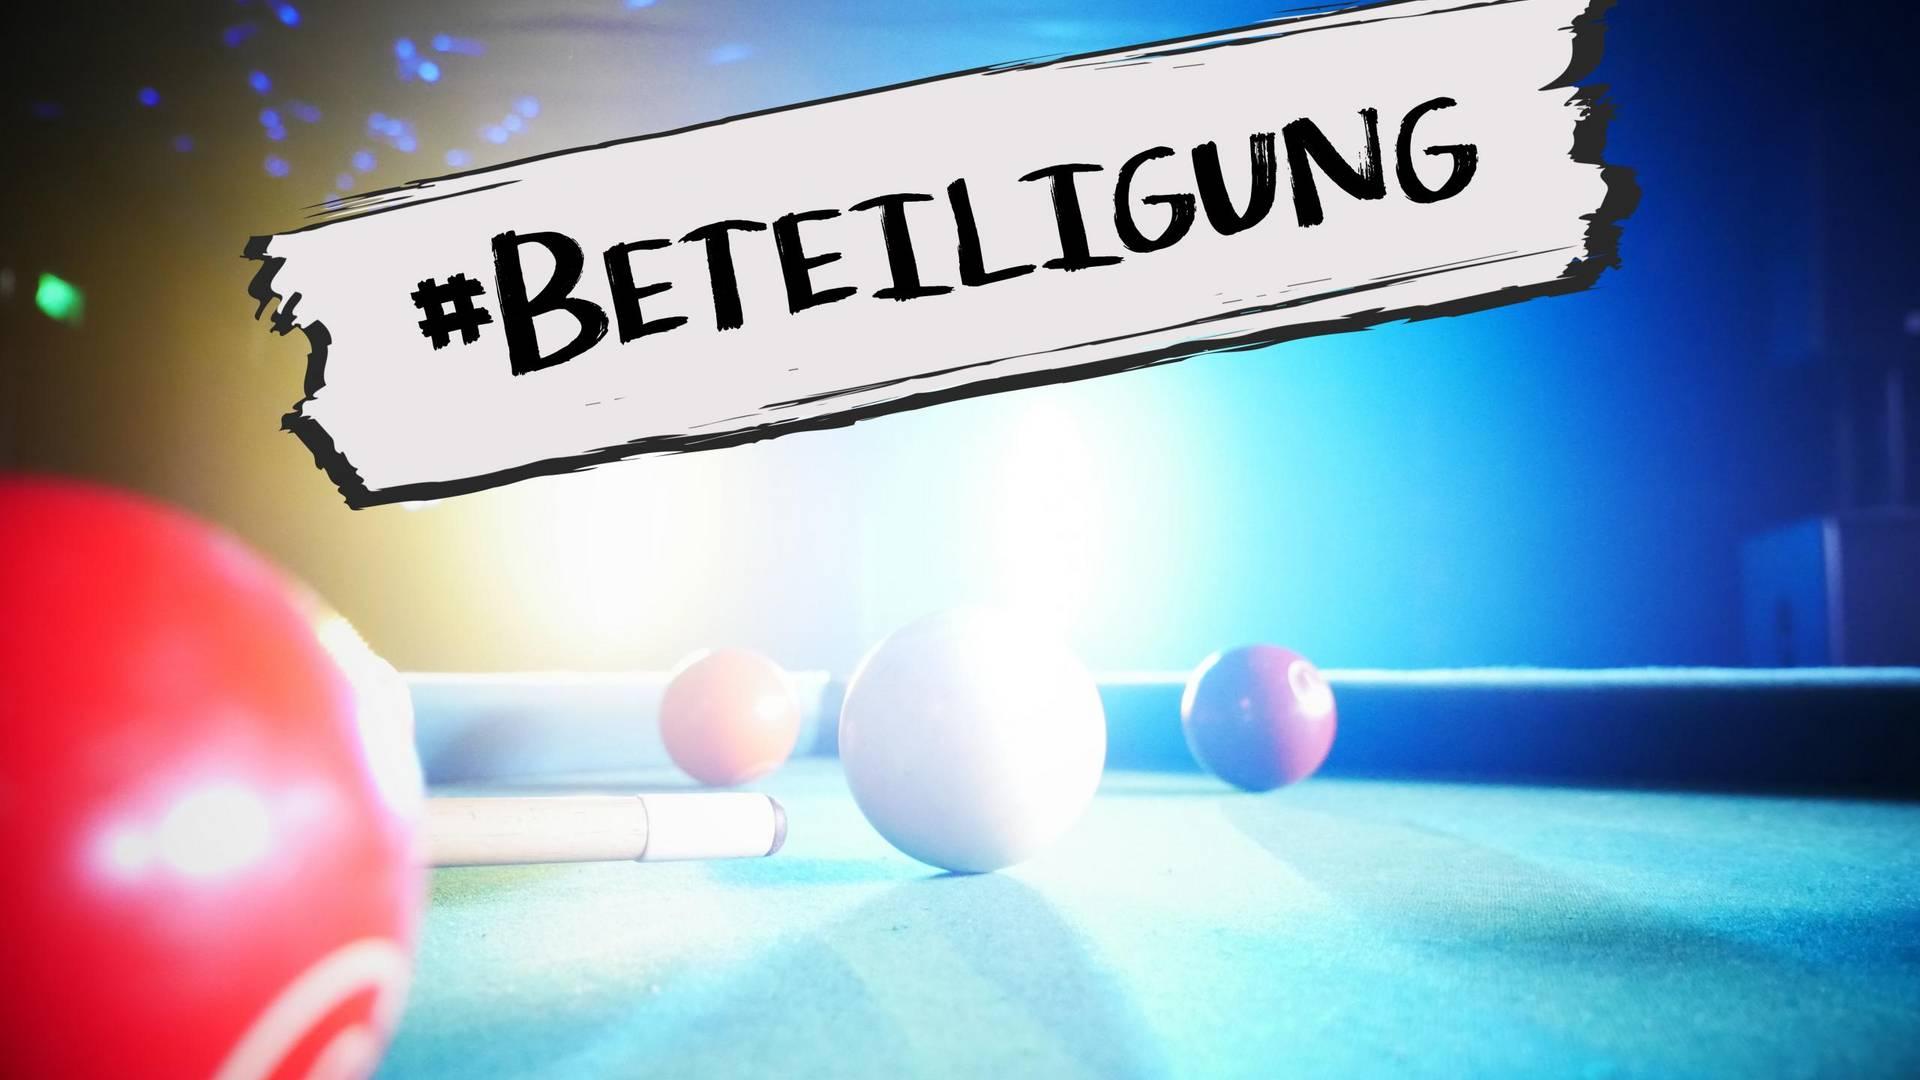 BETEILIGUNG2 ©Stadt Lehrte